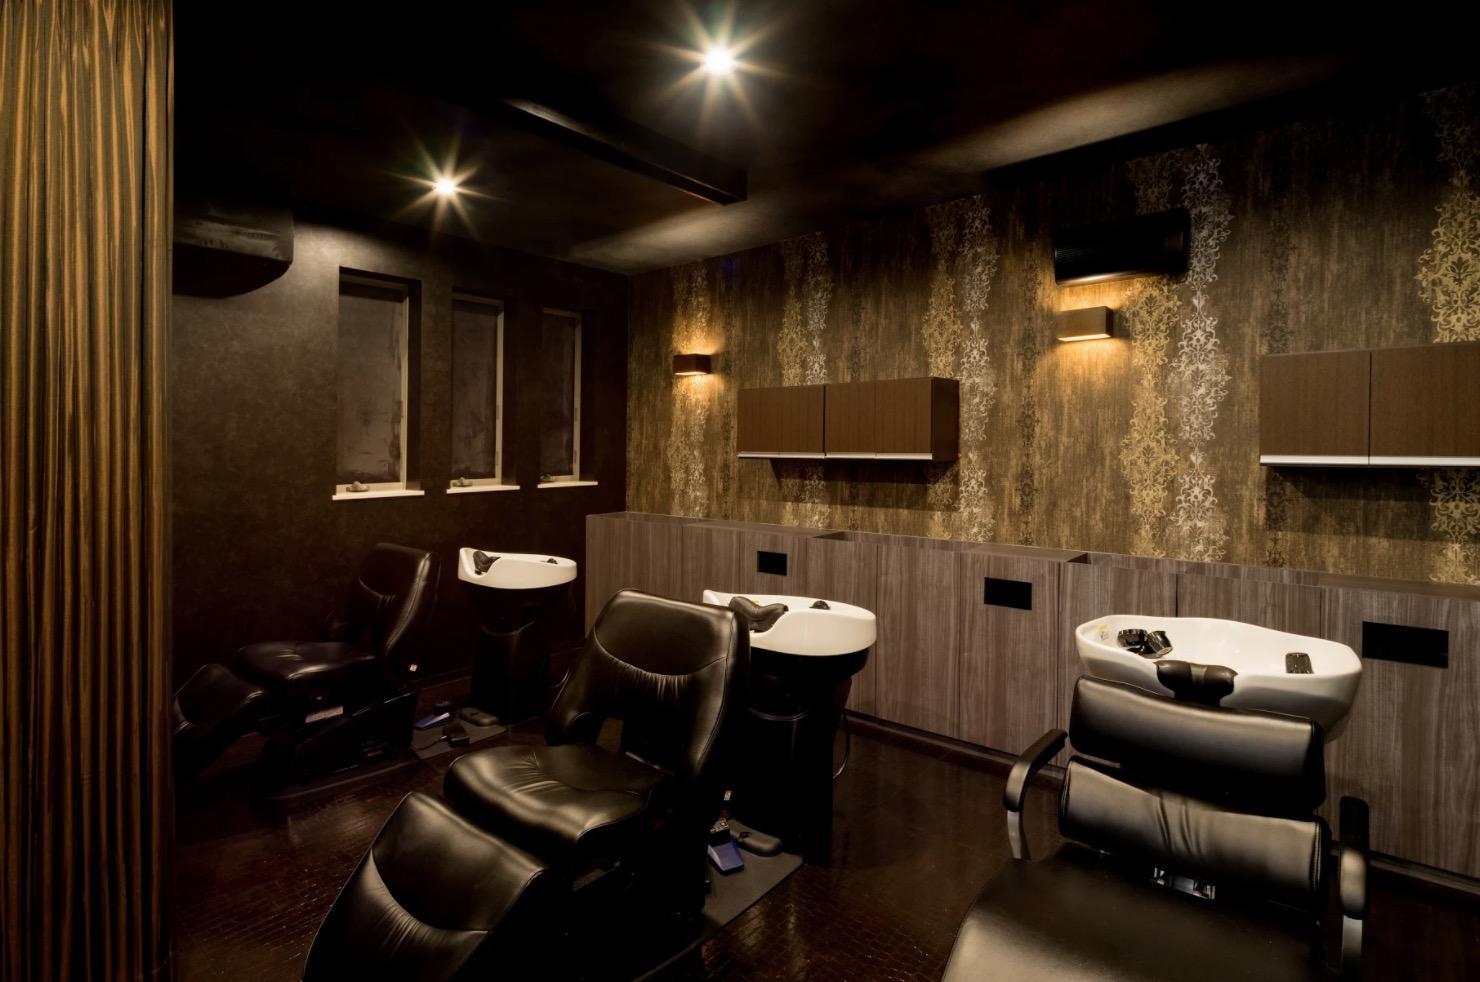 ヒーリングミュージックと照明が自慢のシャンプー室